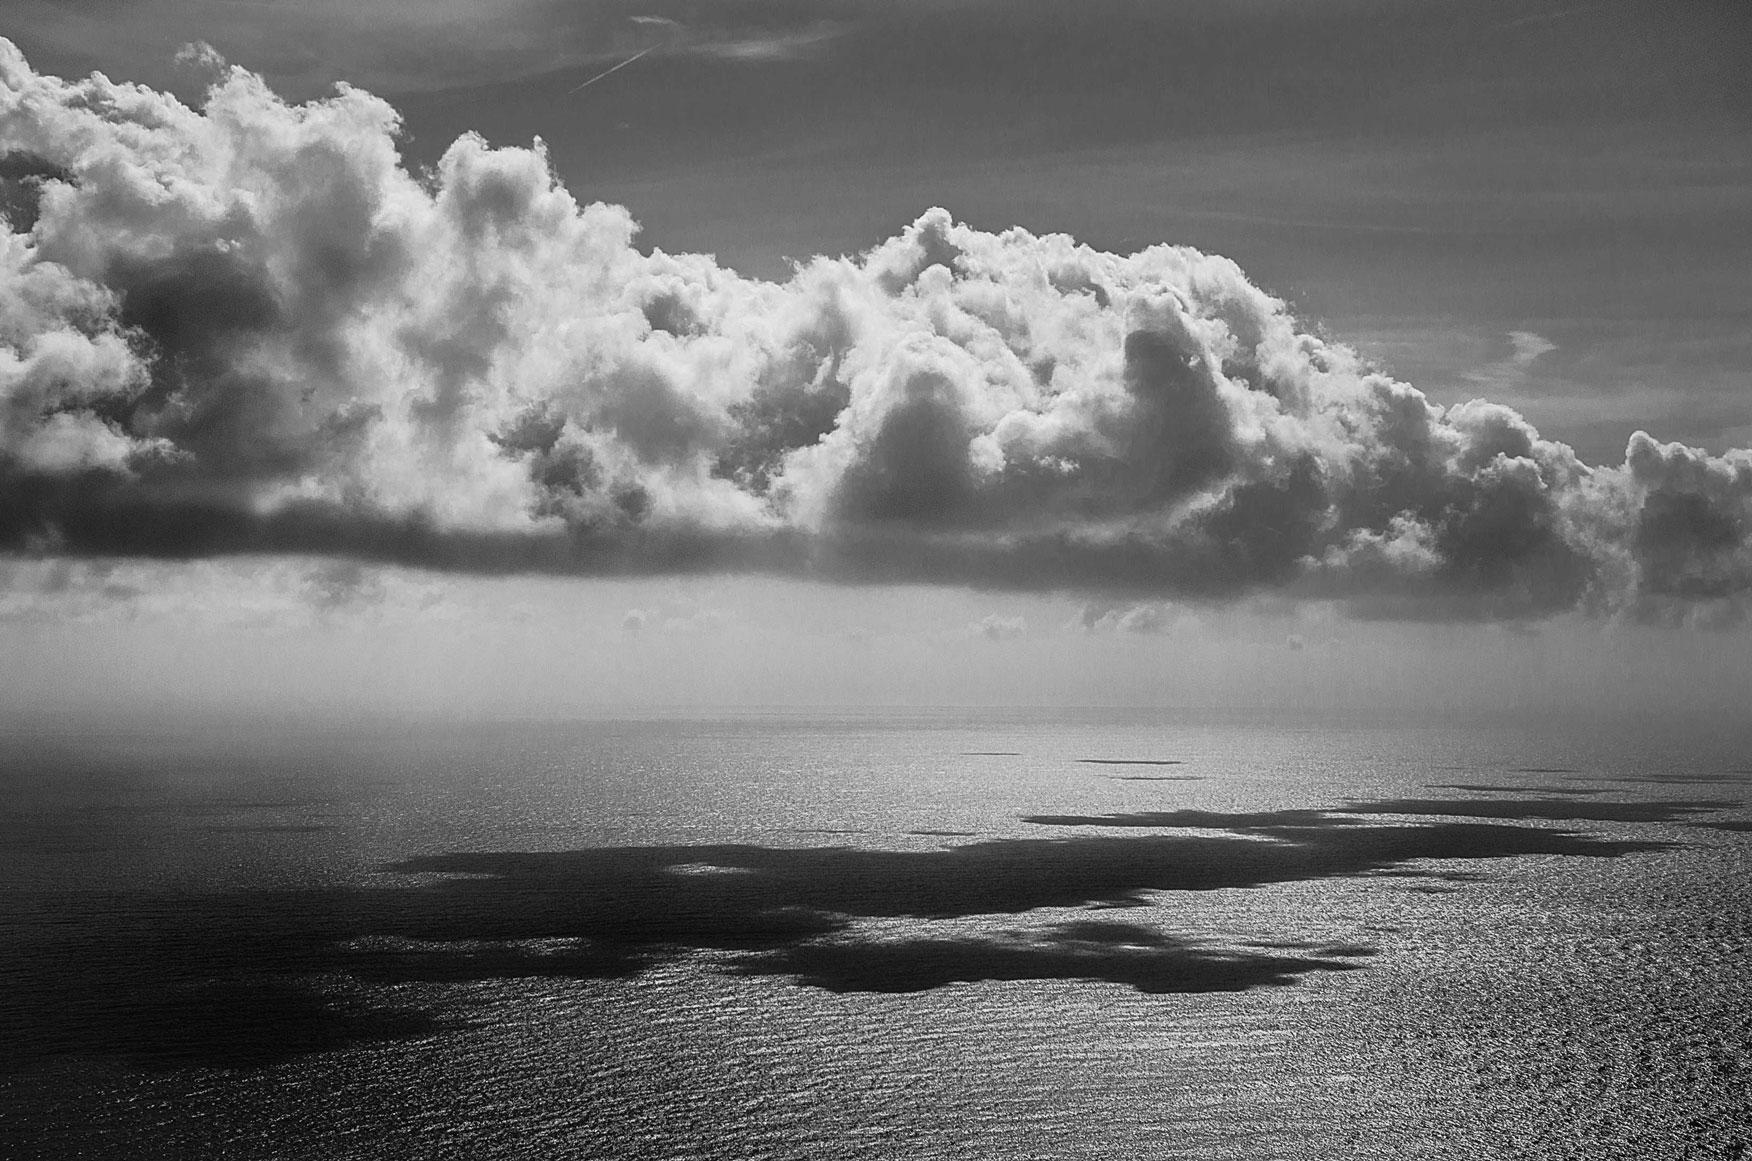 Paesaggi-Italia - Mare in bianco nero Dal Santuario di Riomaggiore Cinque Terre Liguria - Mare_in-bianco-nero-Dal_Santuario_di_Riomaggiore_Cinque_Terre_Liguria -